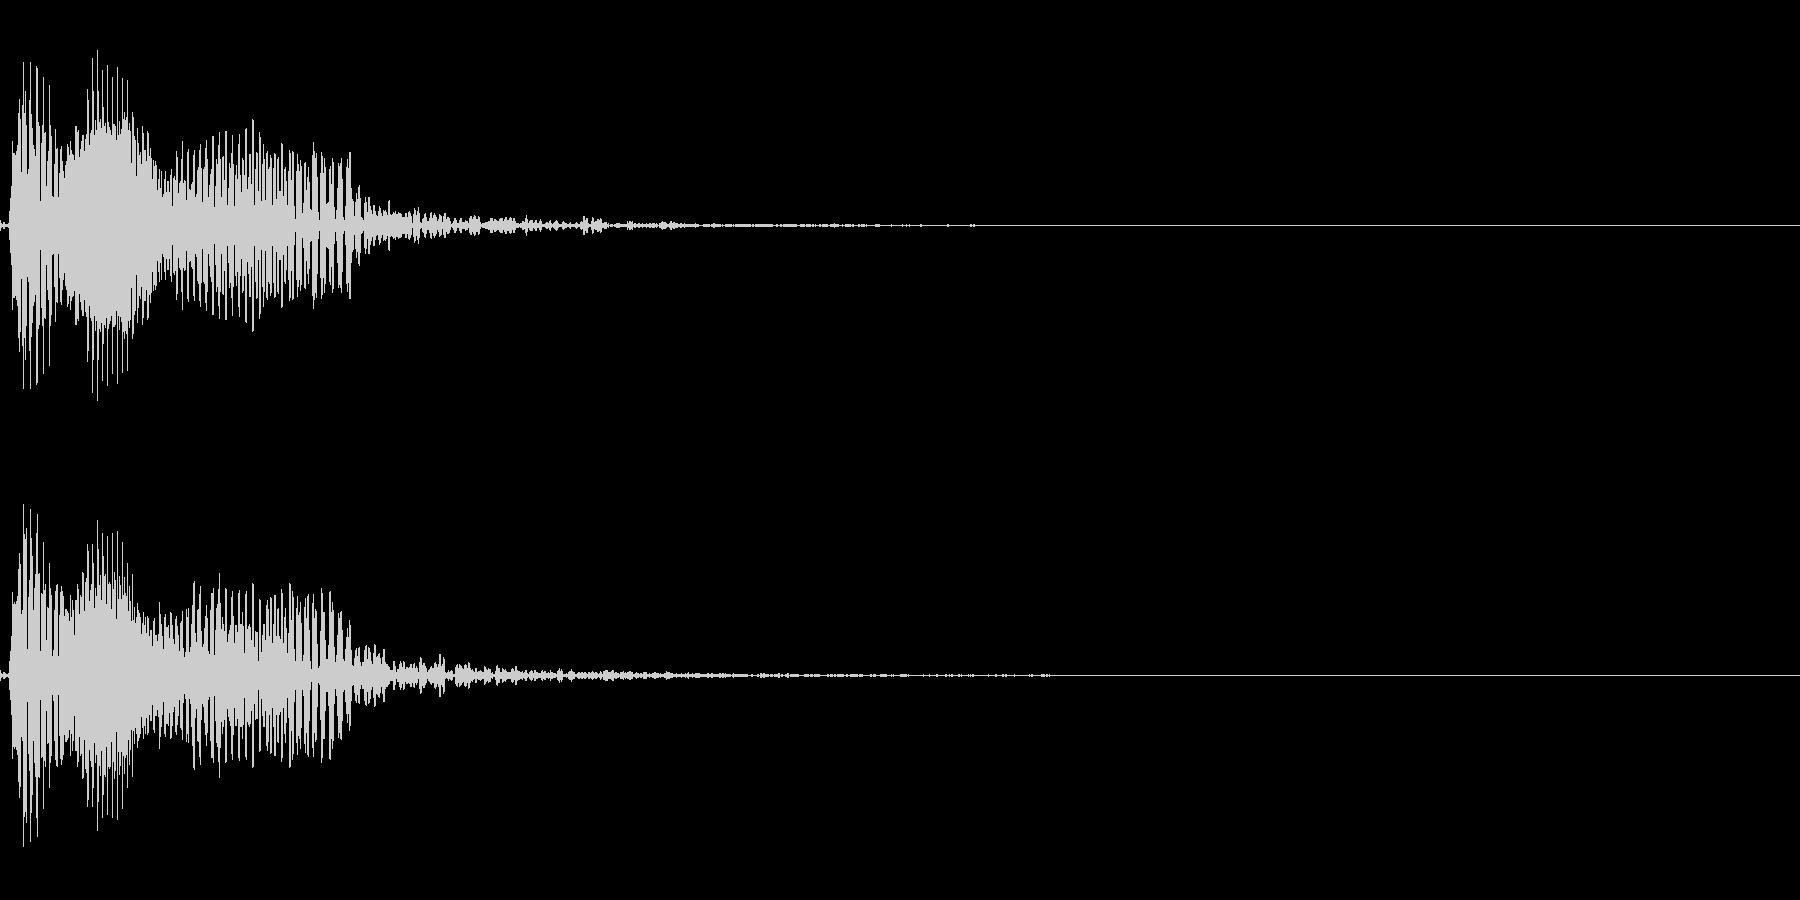 エレキベースグリッサンド(音楽制作素材)の未再生の波形